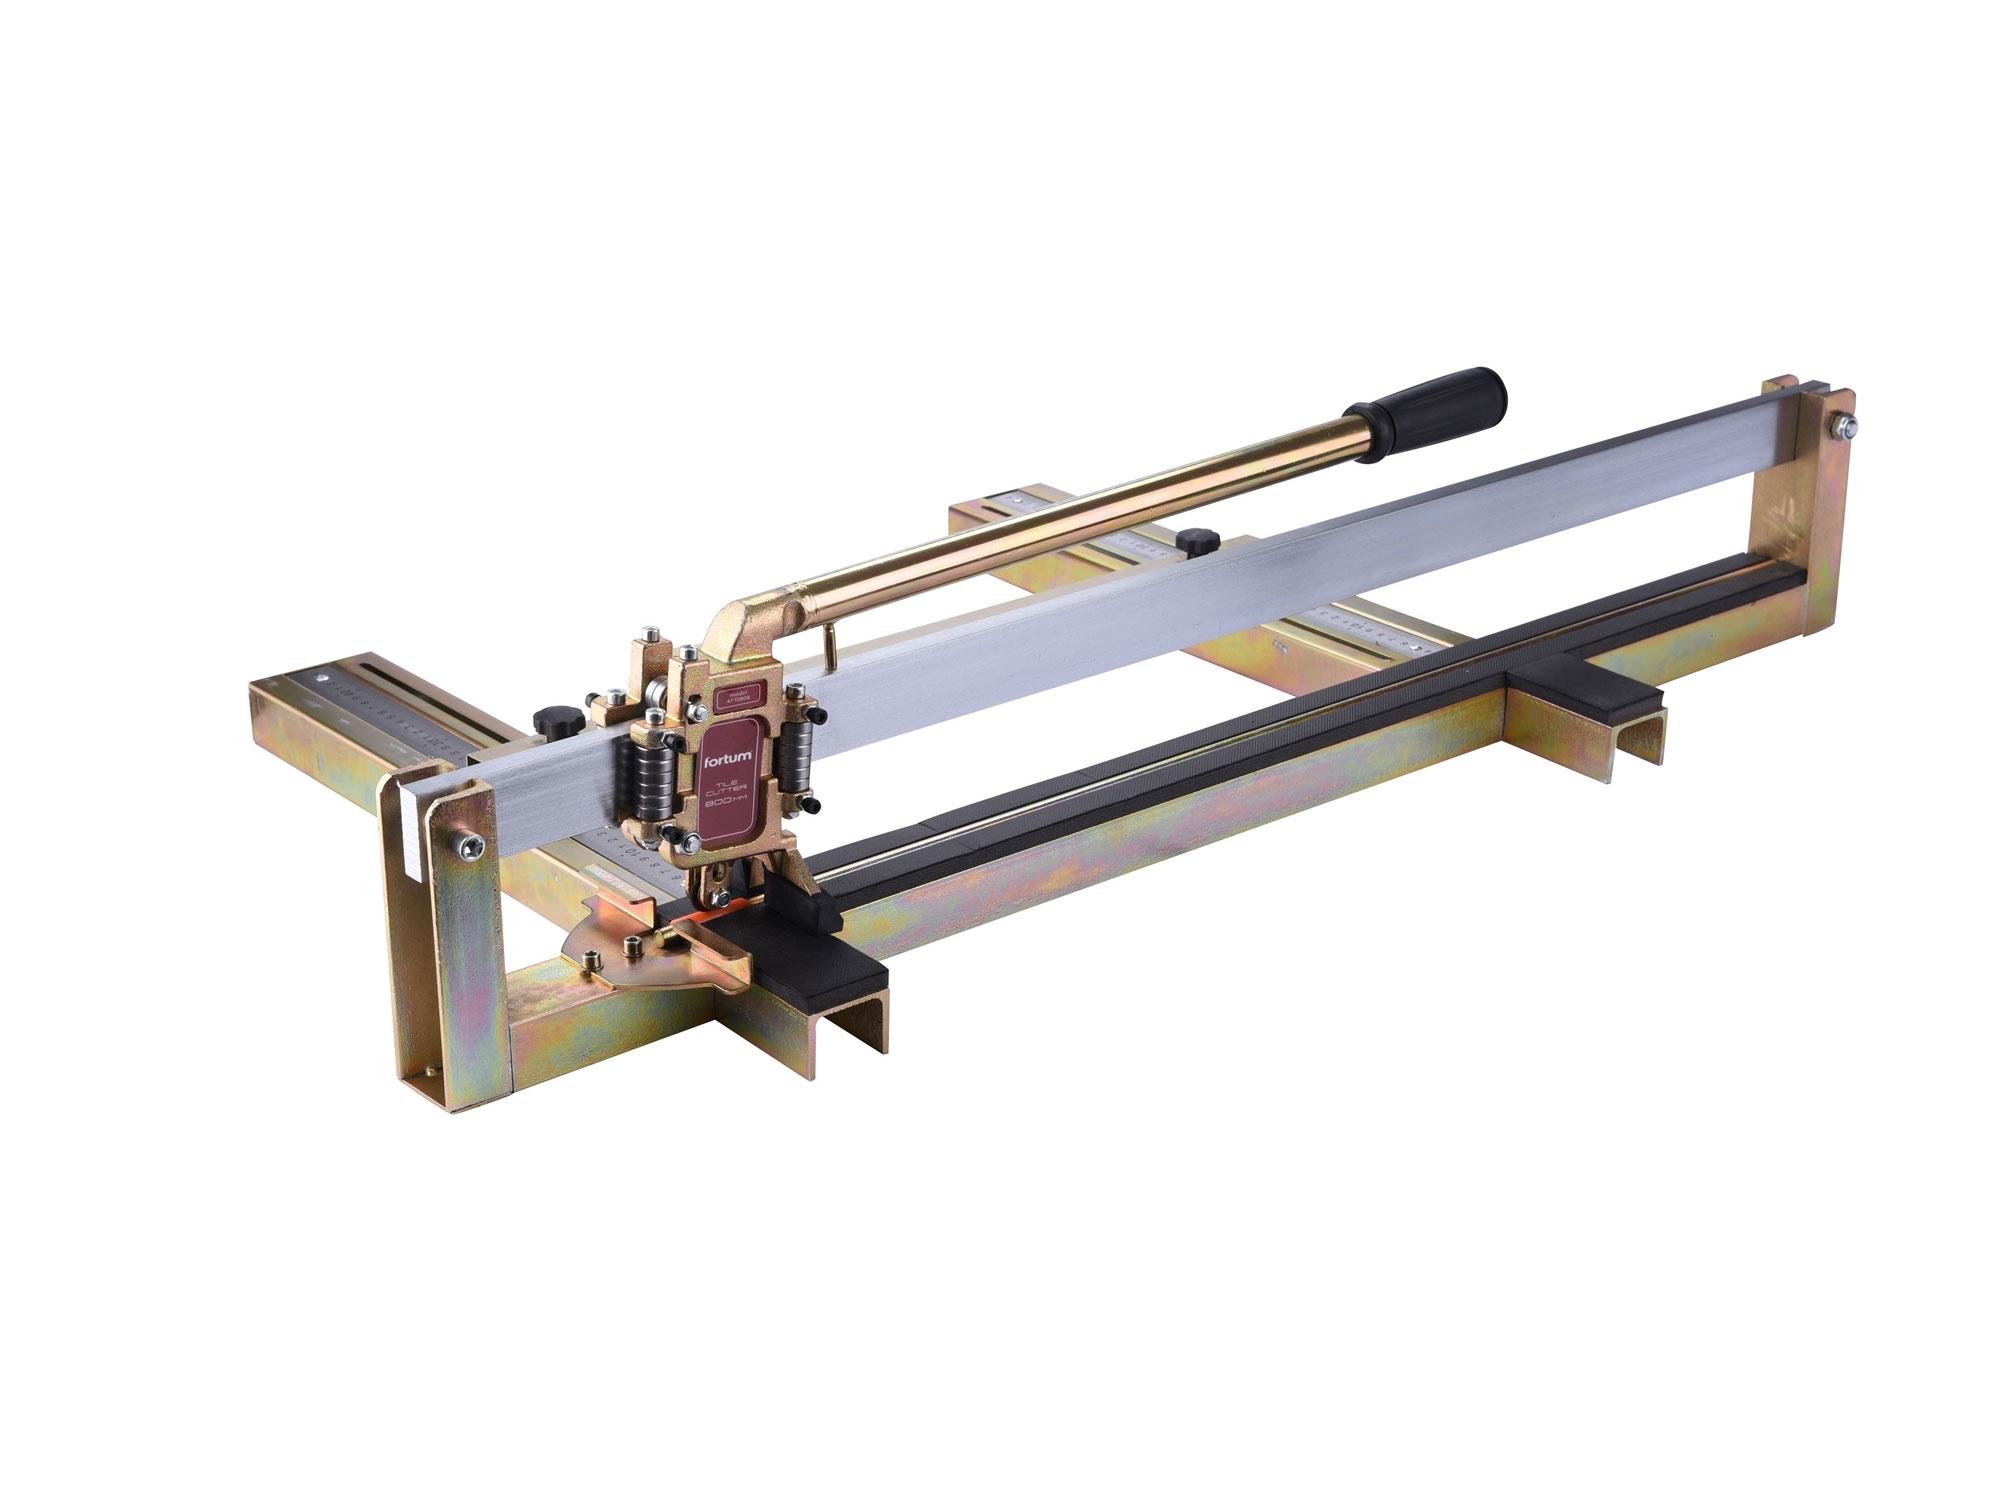 řezačka obkladů profesionální, 1200mm, FORTUM 4770812